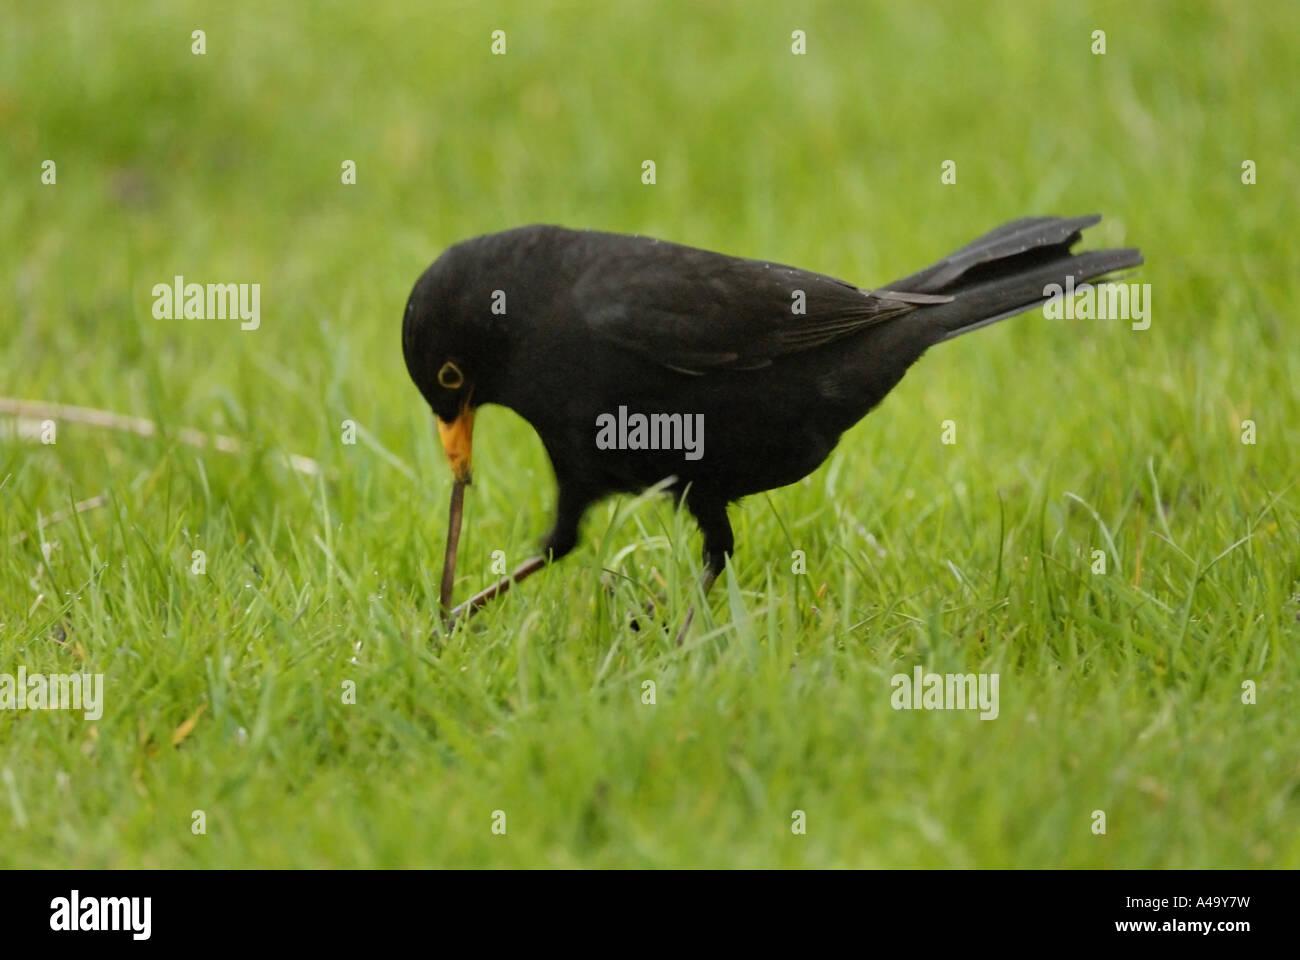 How to Hunt Blackbirds